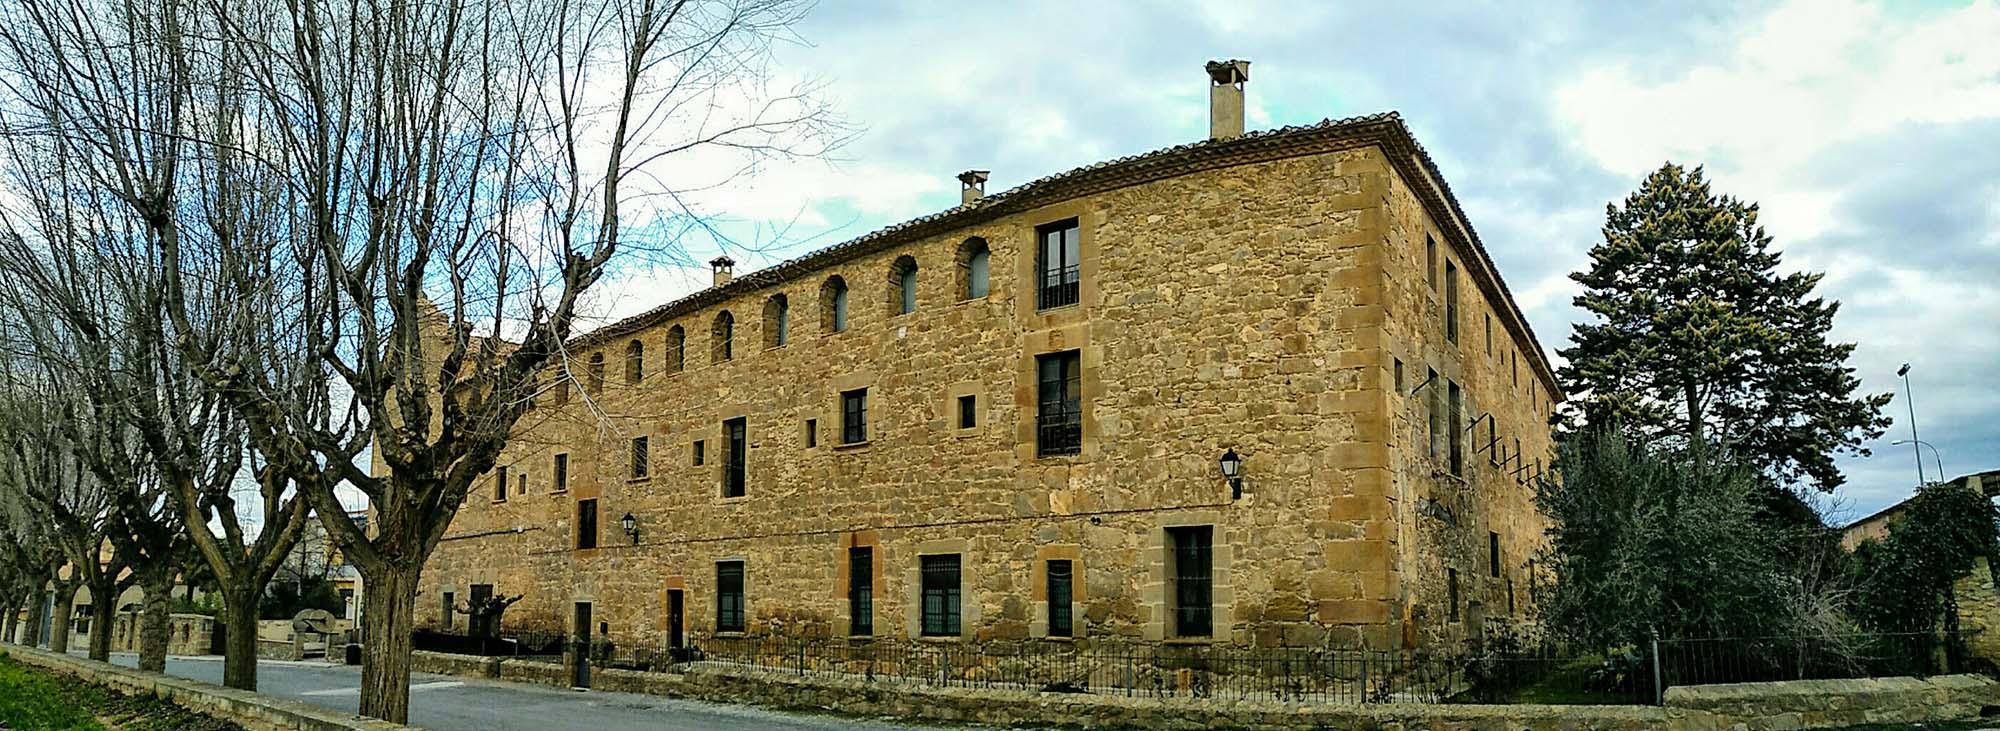 Bâtiment  Convent de Sant Antoni de Pàdua